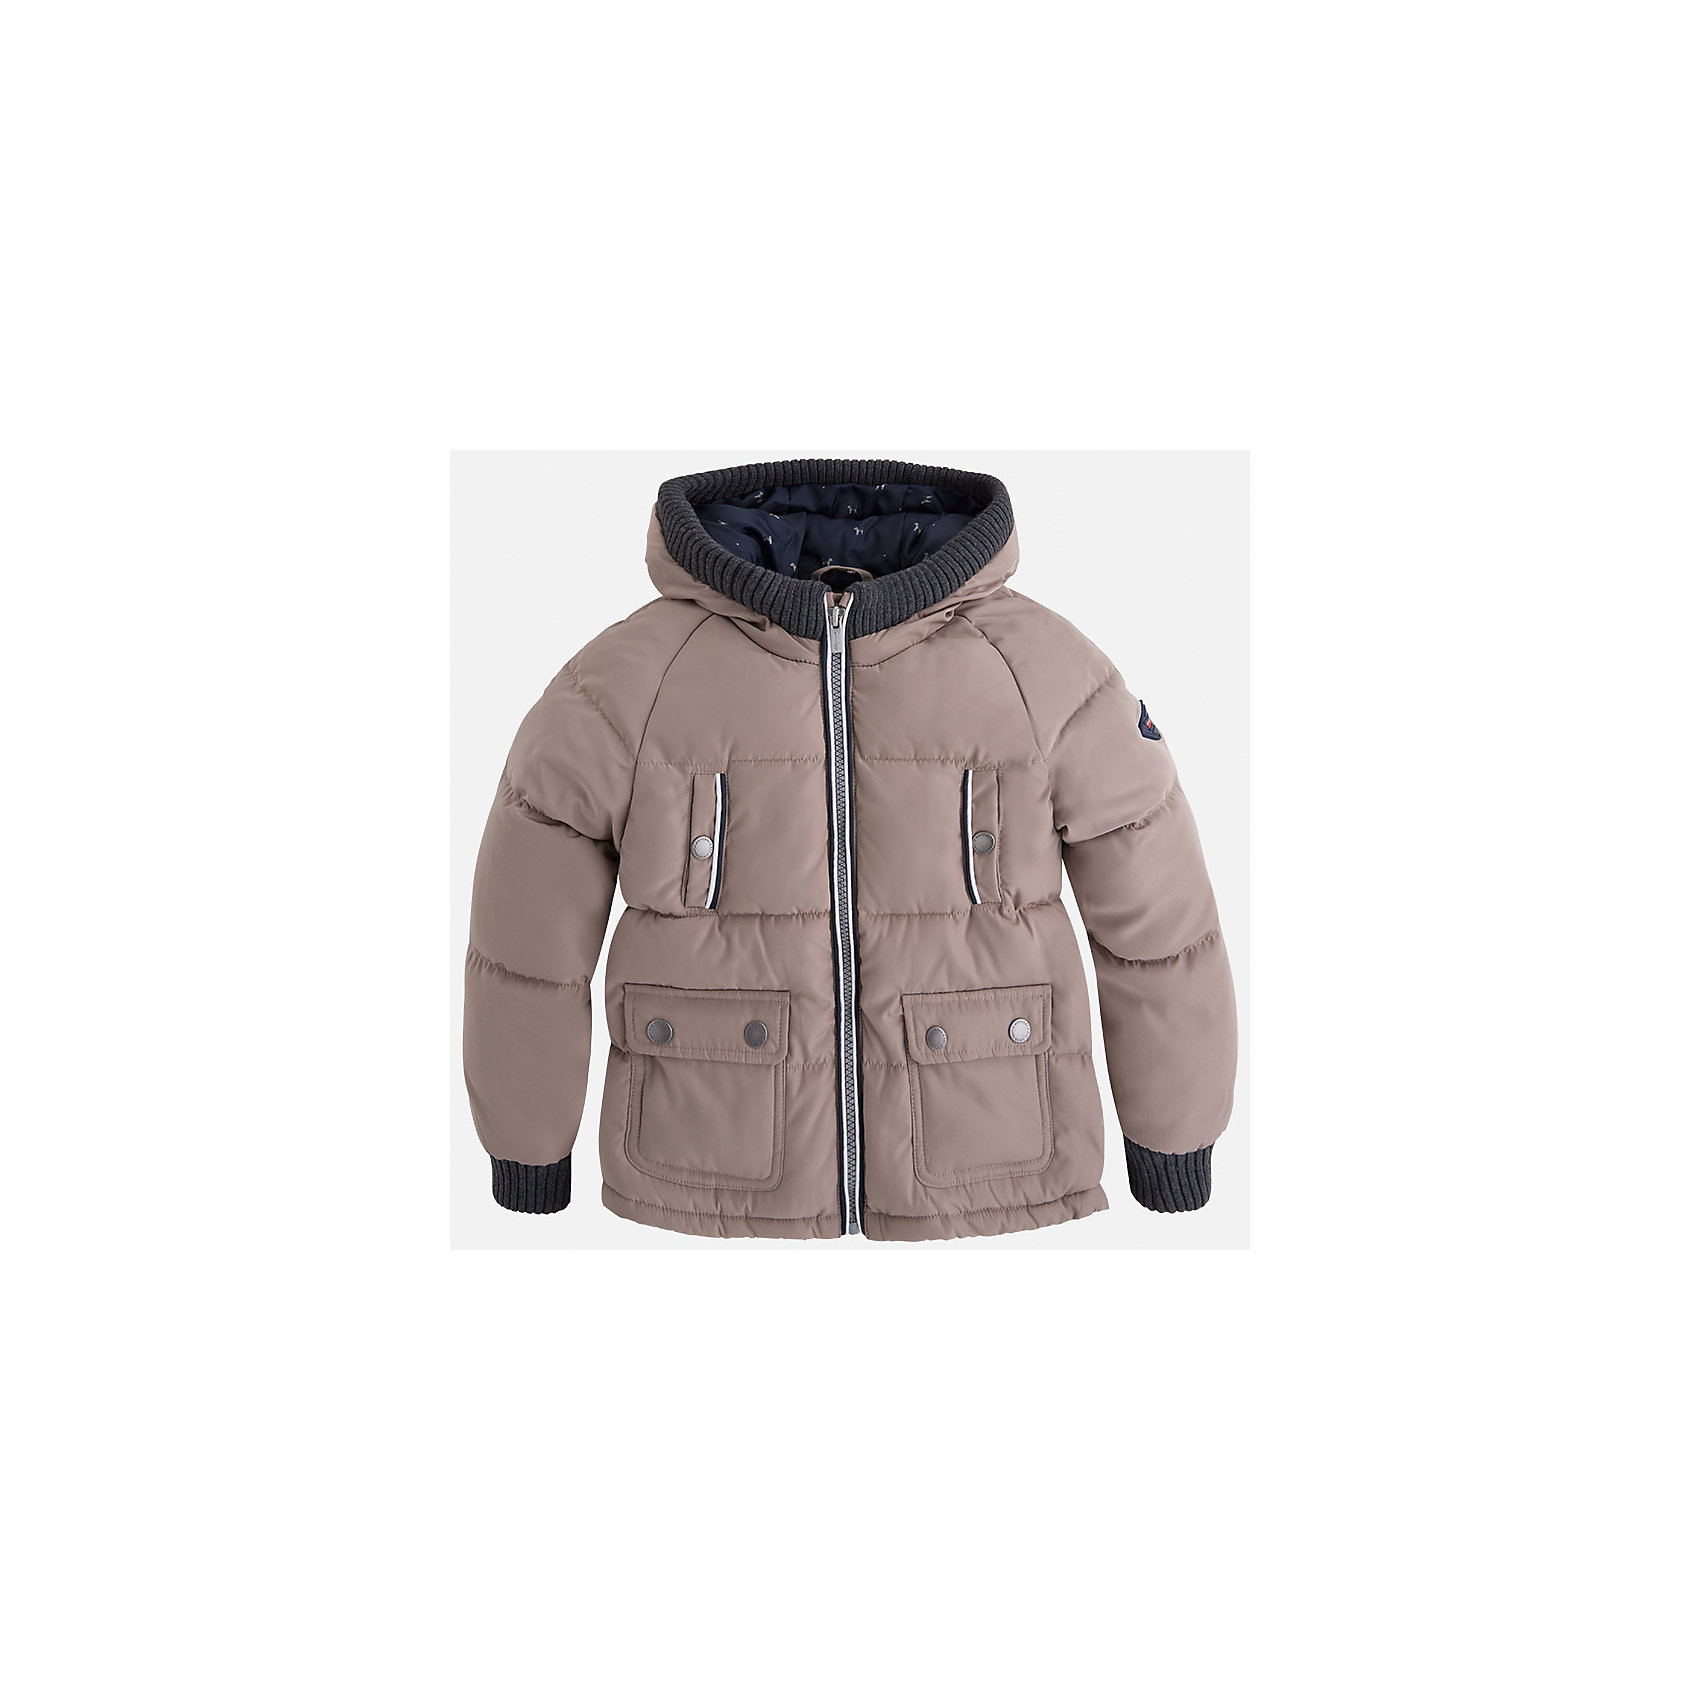 Куртка для мальчика MayoralДемисезонные куртки<br>Характеристики товара:<br><br>• цвет: бежевый<br>• состав ткани: 65% полиамид, 35% полиэстер<br>• подкладка: 100% полиэстер<br>• утеплитель: 100% полиэстер<br>• сезон: демисезон<br>• температурный режим: от -10 до +10<br>• особенности куртки: дутая, с капюшоном<br>• капюшон: несъемный<br>• застежка: молния<br>• страна бренда: Испания<br>• страна изготовитель: Индия<br><br>Детская куртка подойдет для прохладной погоды и небольшого мороза. Благодаря качественной ткани детской куртки для мальчика создаются комфортные условия для тела. Стильная куртка для мальчика отличается стильным продуманным дизайном.<br><br>Куртку для мальчика Mayoral (Майорал) можно купить в нашем интернет-магазине.<br><br>Ширина мм: 356<br>Глубина мм: 10<br>Высота мм: 245<br>Вес г: 519<br>Цвет: бежевый<br>Возраст от месяцев: 96<br>Возраст до месяцев: 108<br>Пол: Мужской<br>Возраст: Детский<br>Размер: 134,92,98,104,110,116,122,128<br>SKU: 6934589